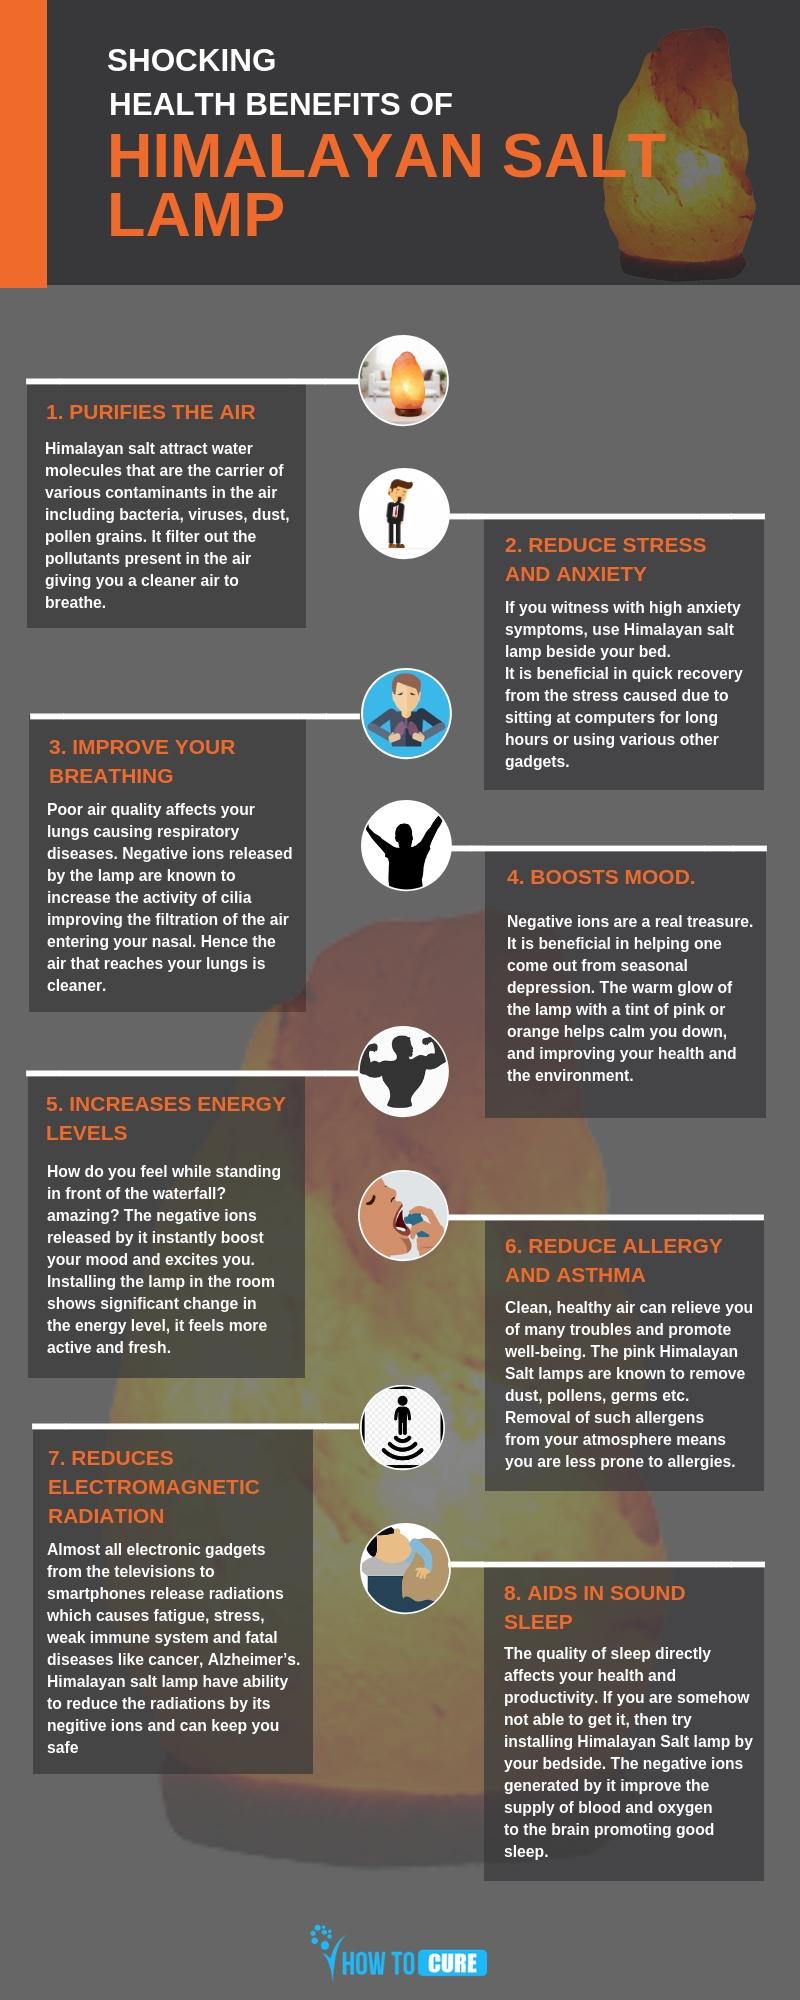 himalayan salt lamp benefits - infographic